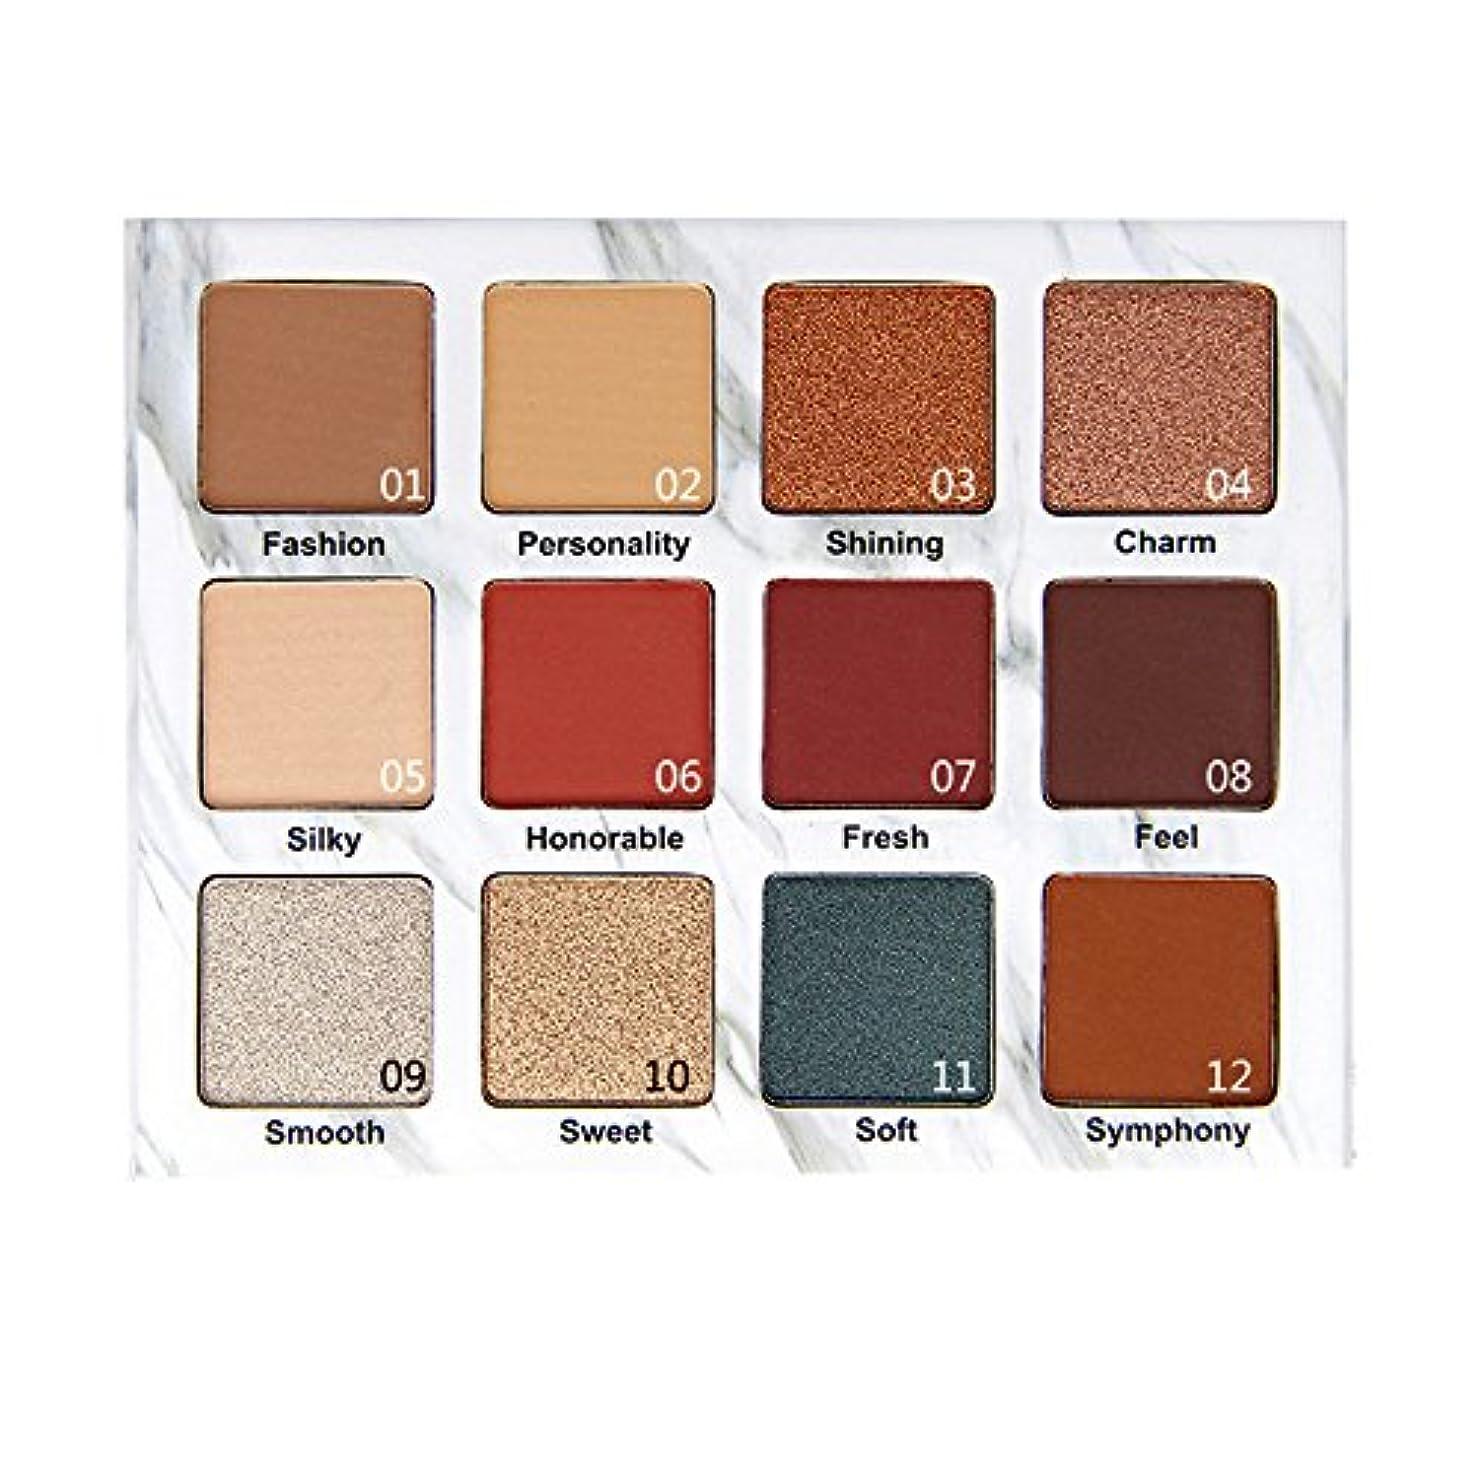 パールモッキンバードくしゃみファッション12色化粧品マットアイシャドウクリームアイシャドウ化粧パレットセット